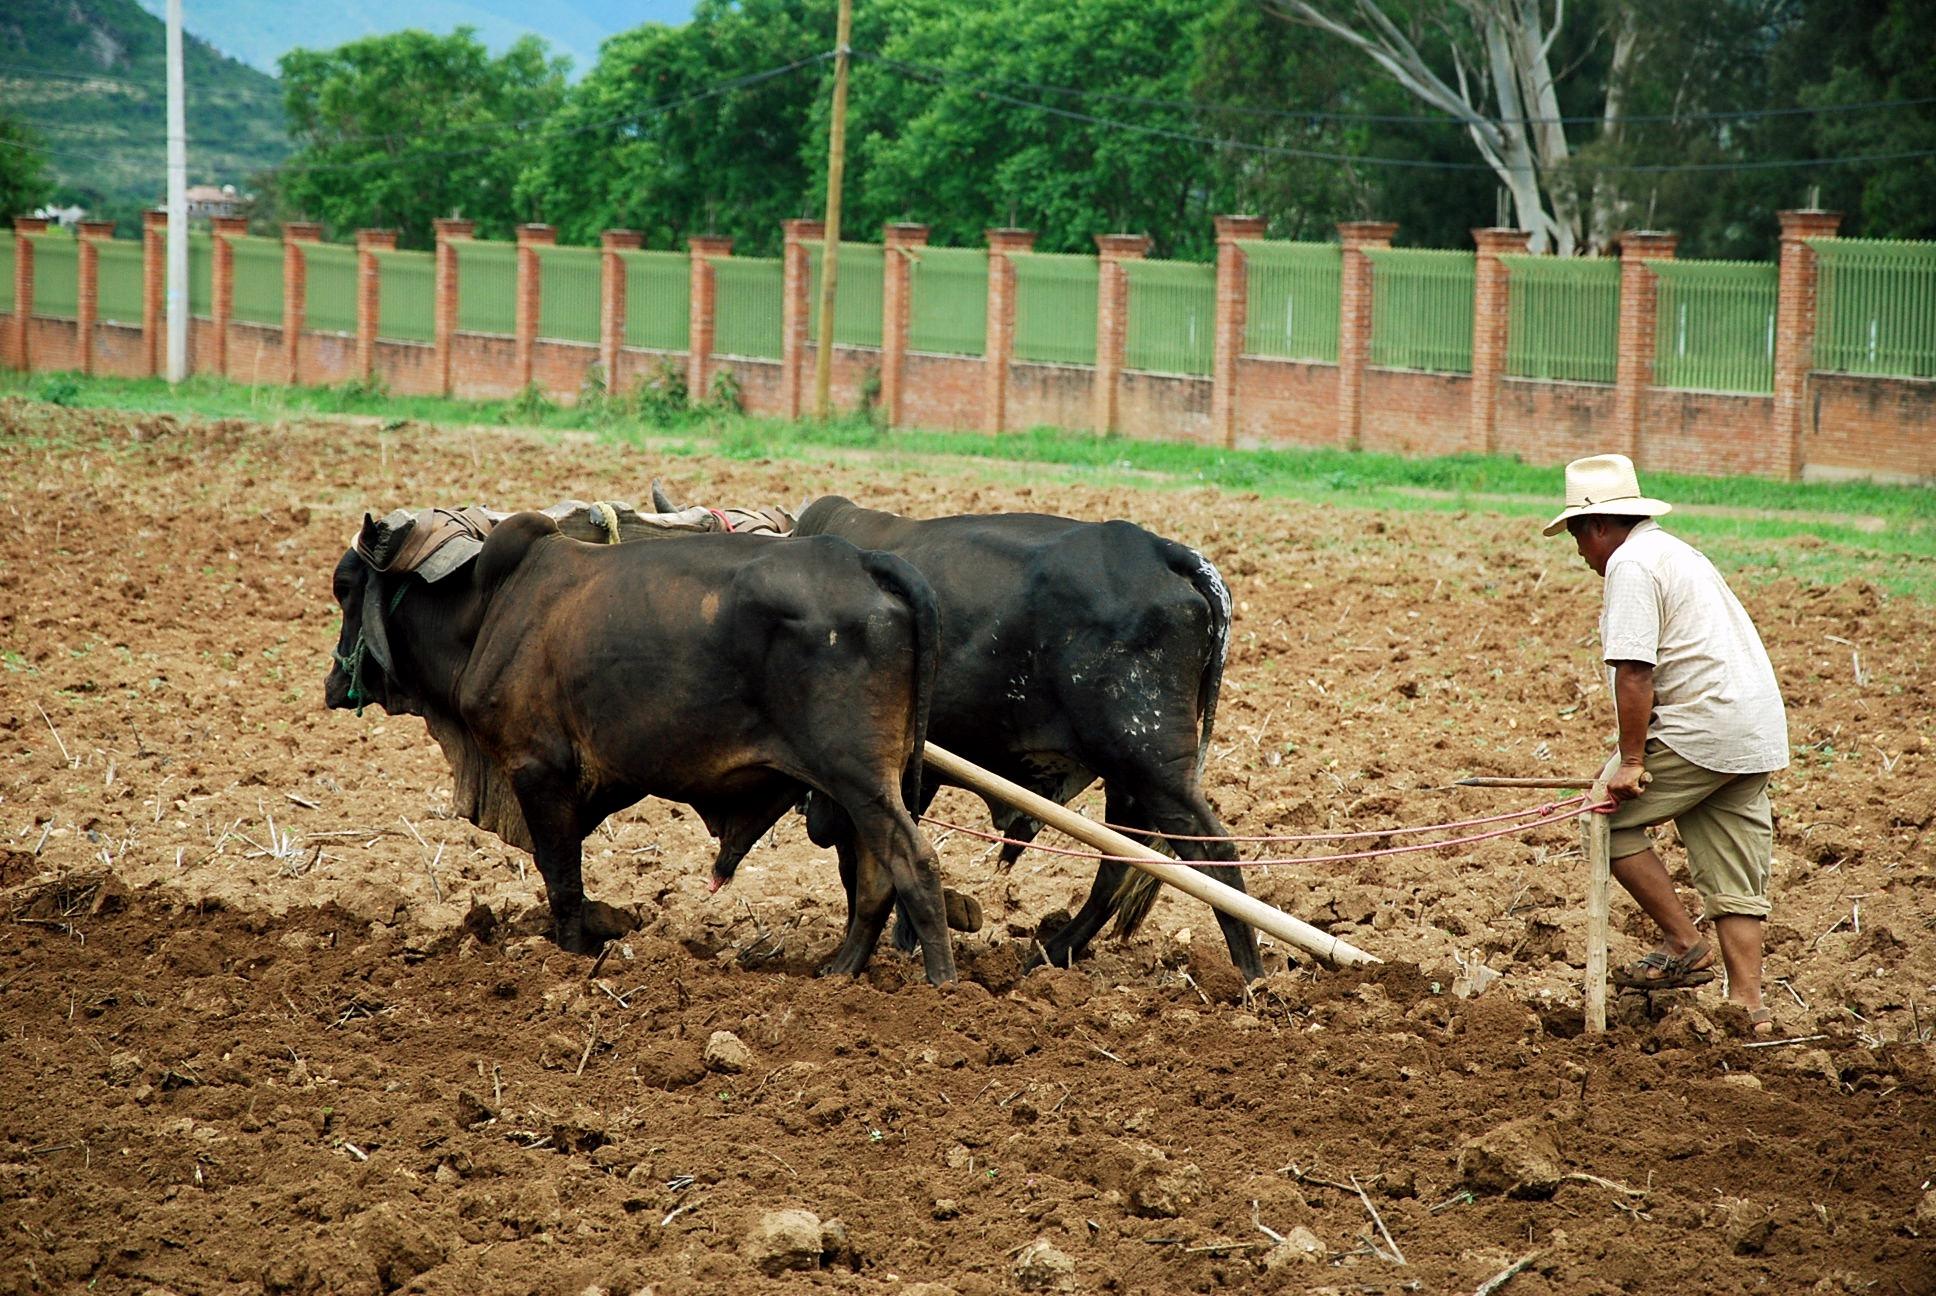 Дедовский способ обработки земли в штате Оахака. Агропромышленность Мексики. Сельское хозяйство и животноводство Мексики